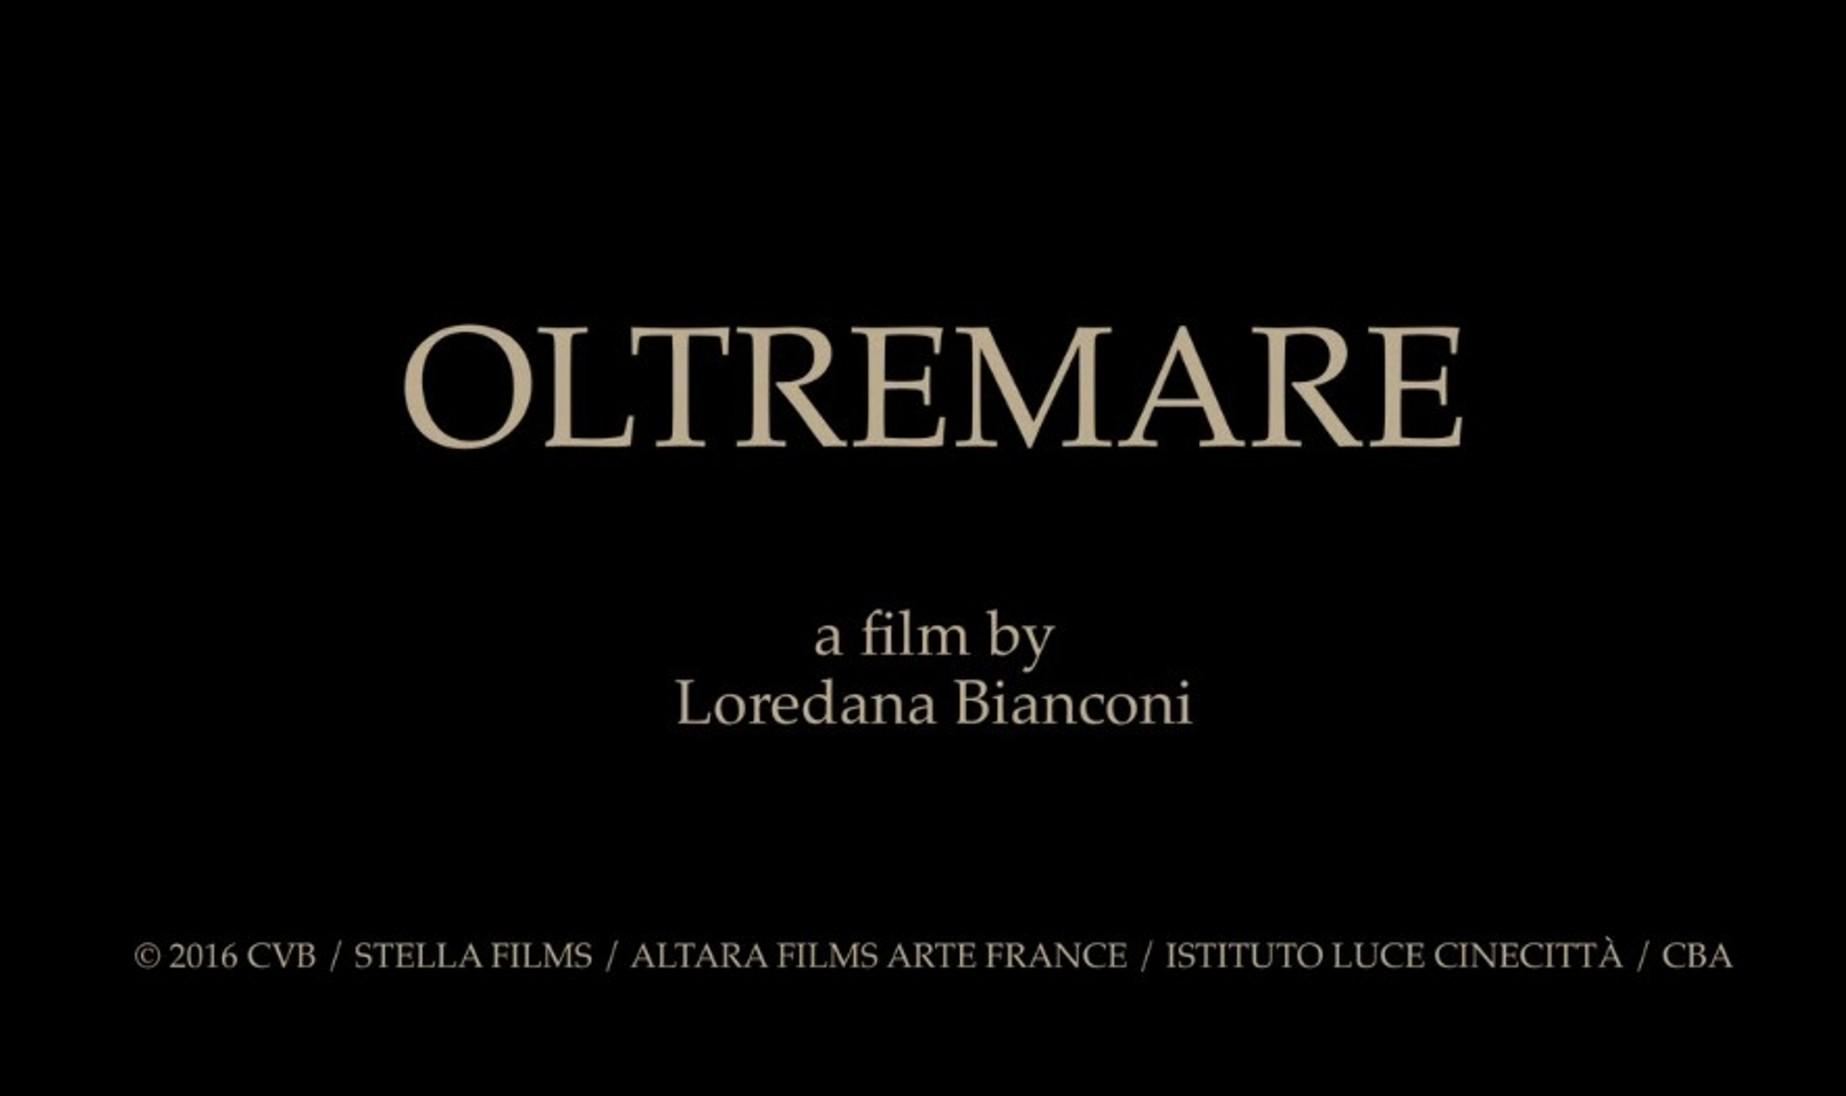 OLTREMARE documento film di Loredana Bianconi